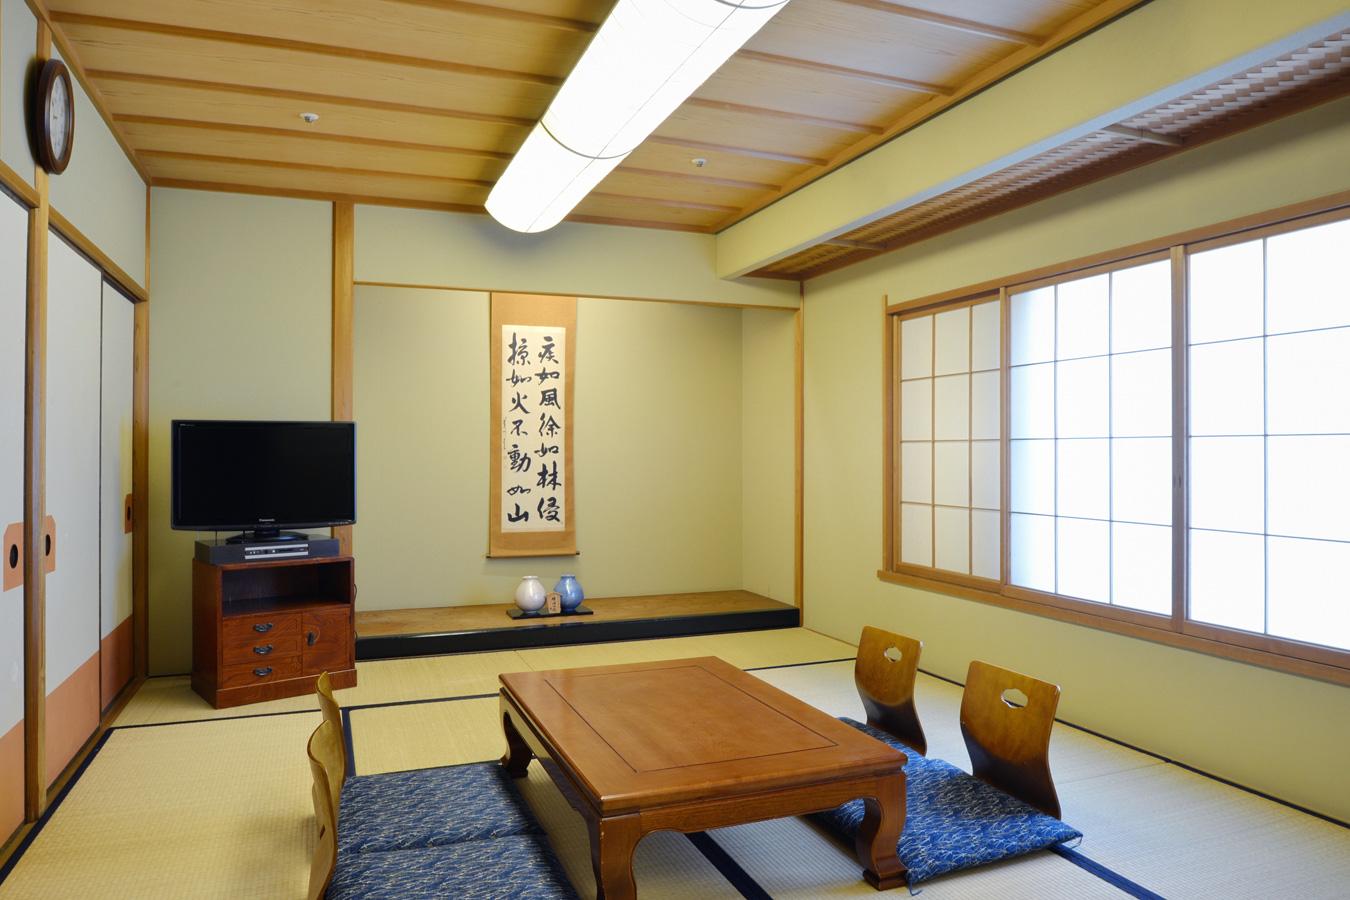 名古屋クレストンホテルの客室 和室